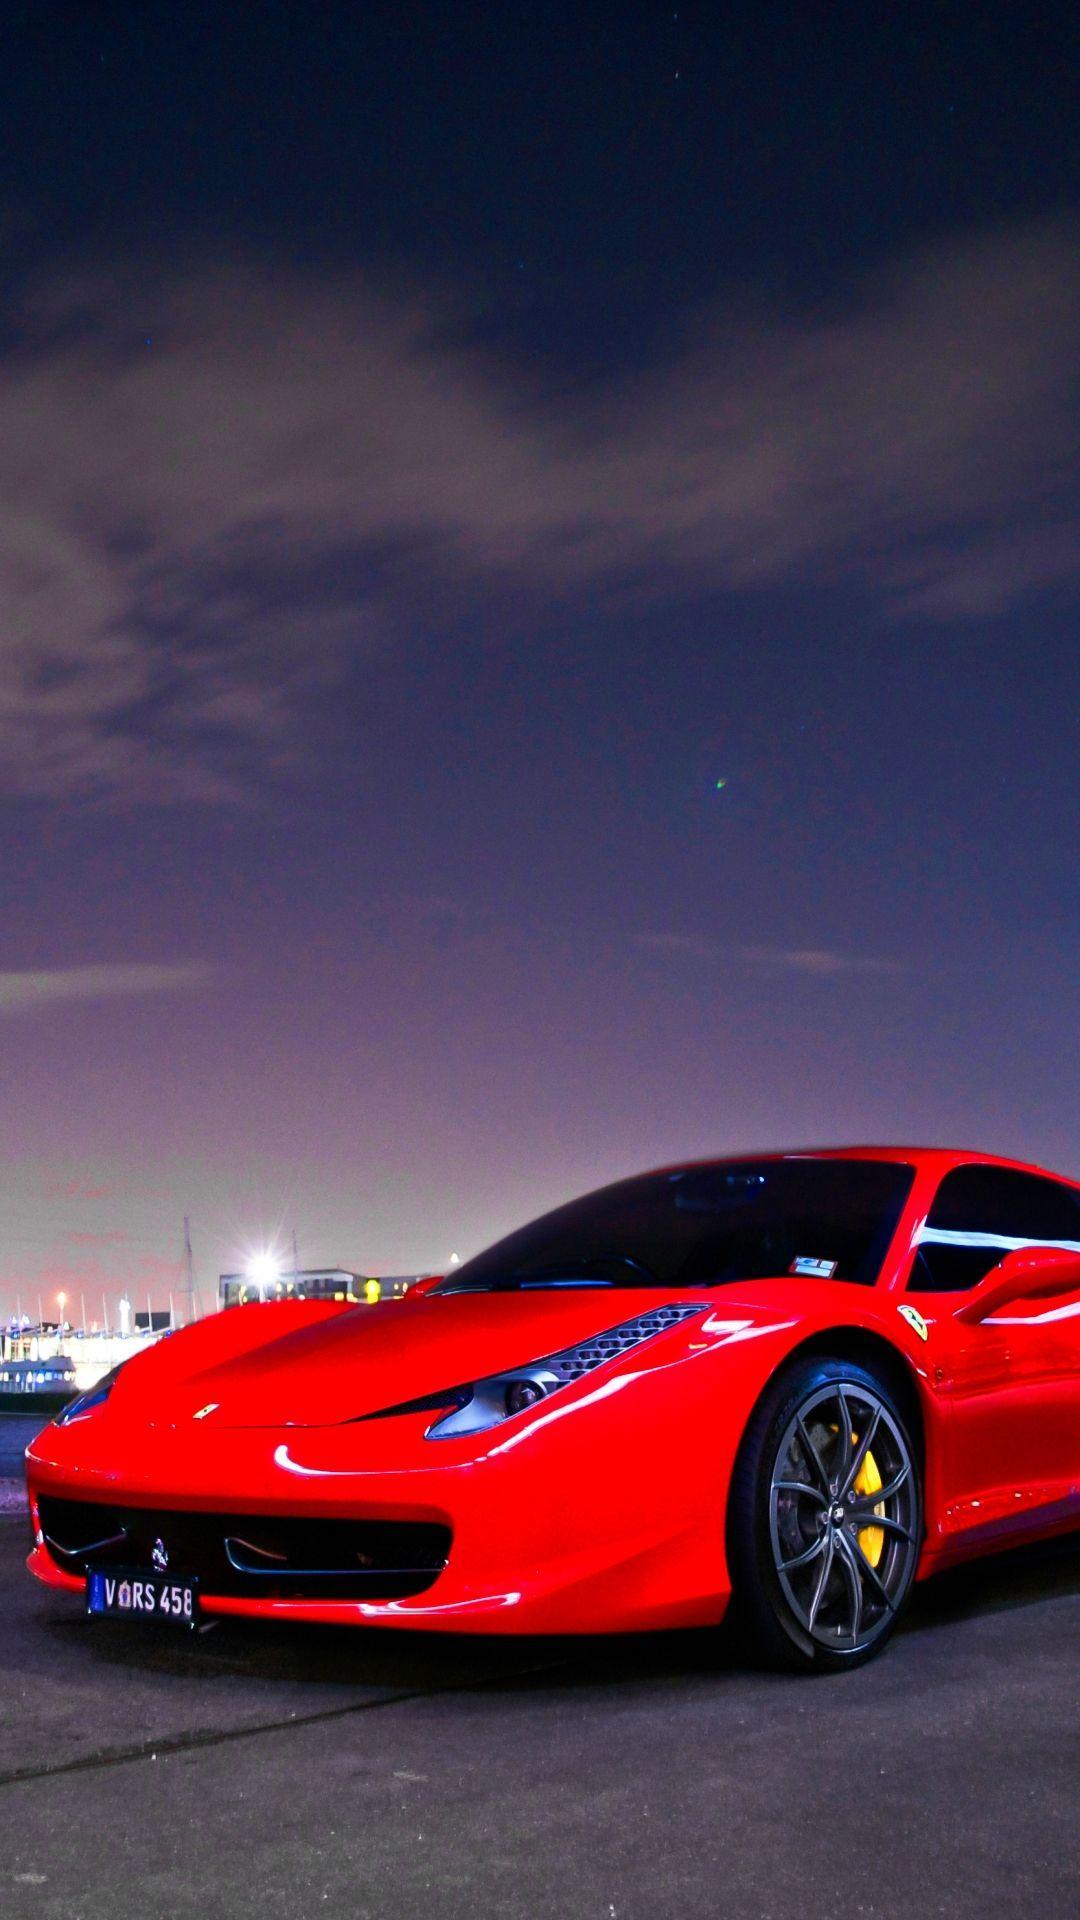 Red Ferrari Sports Car Wallpapers - Wallpaper Cave